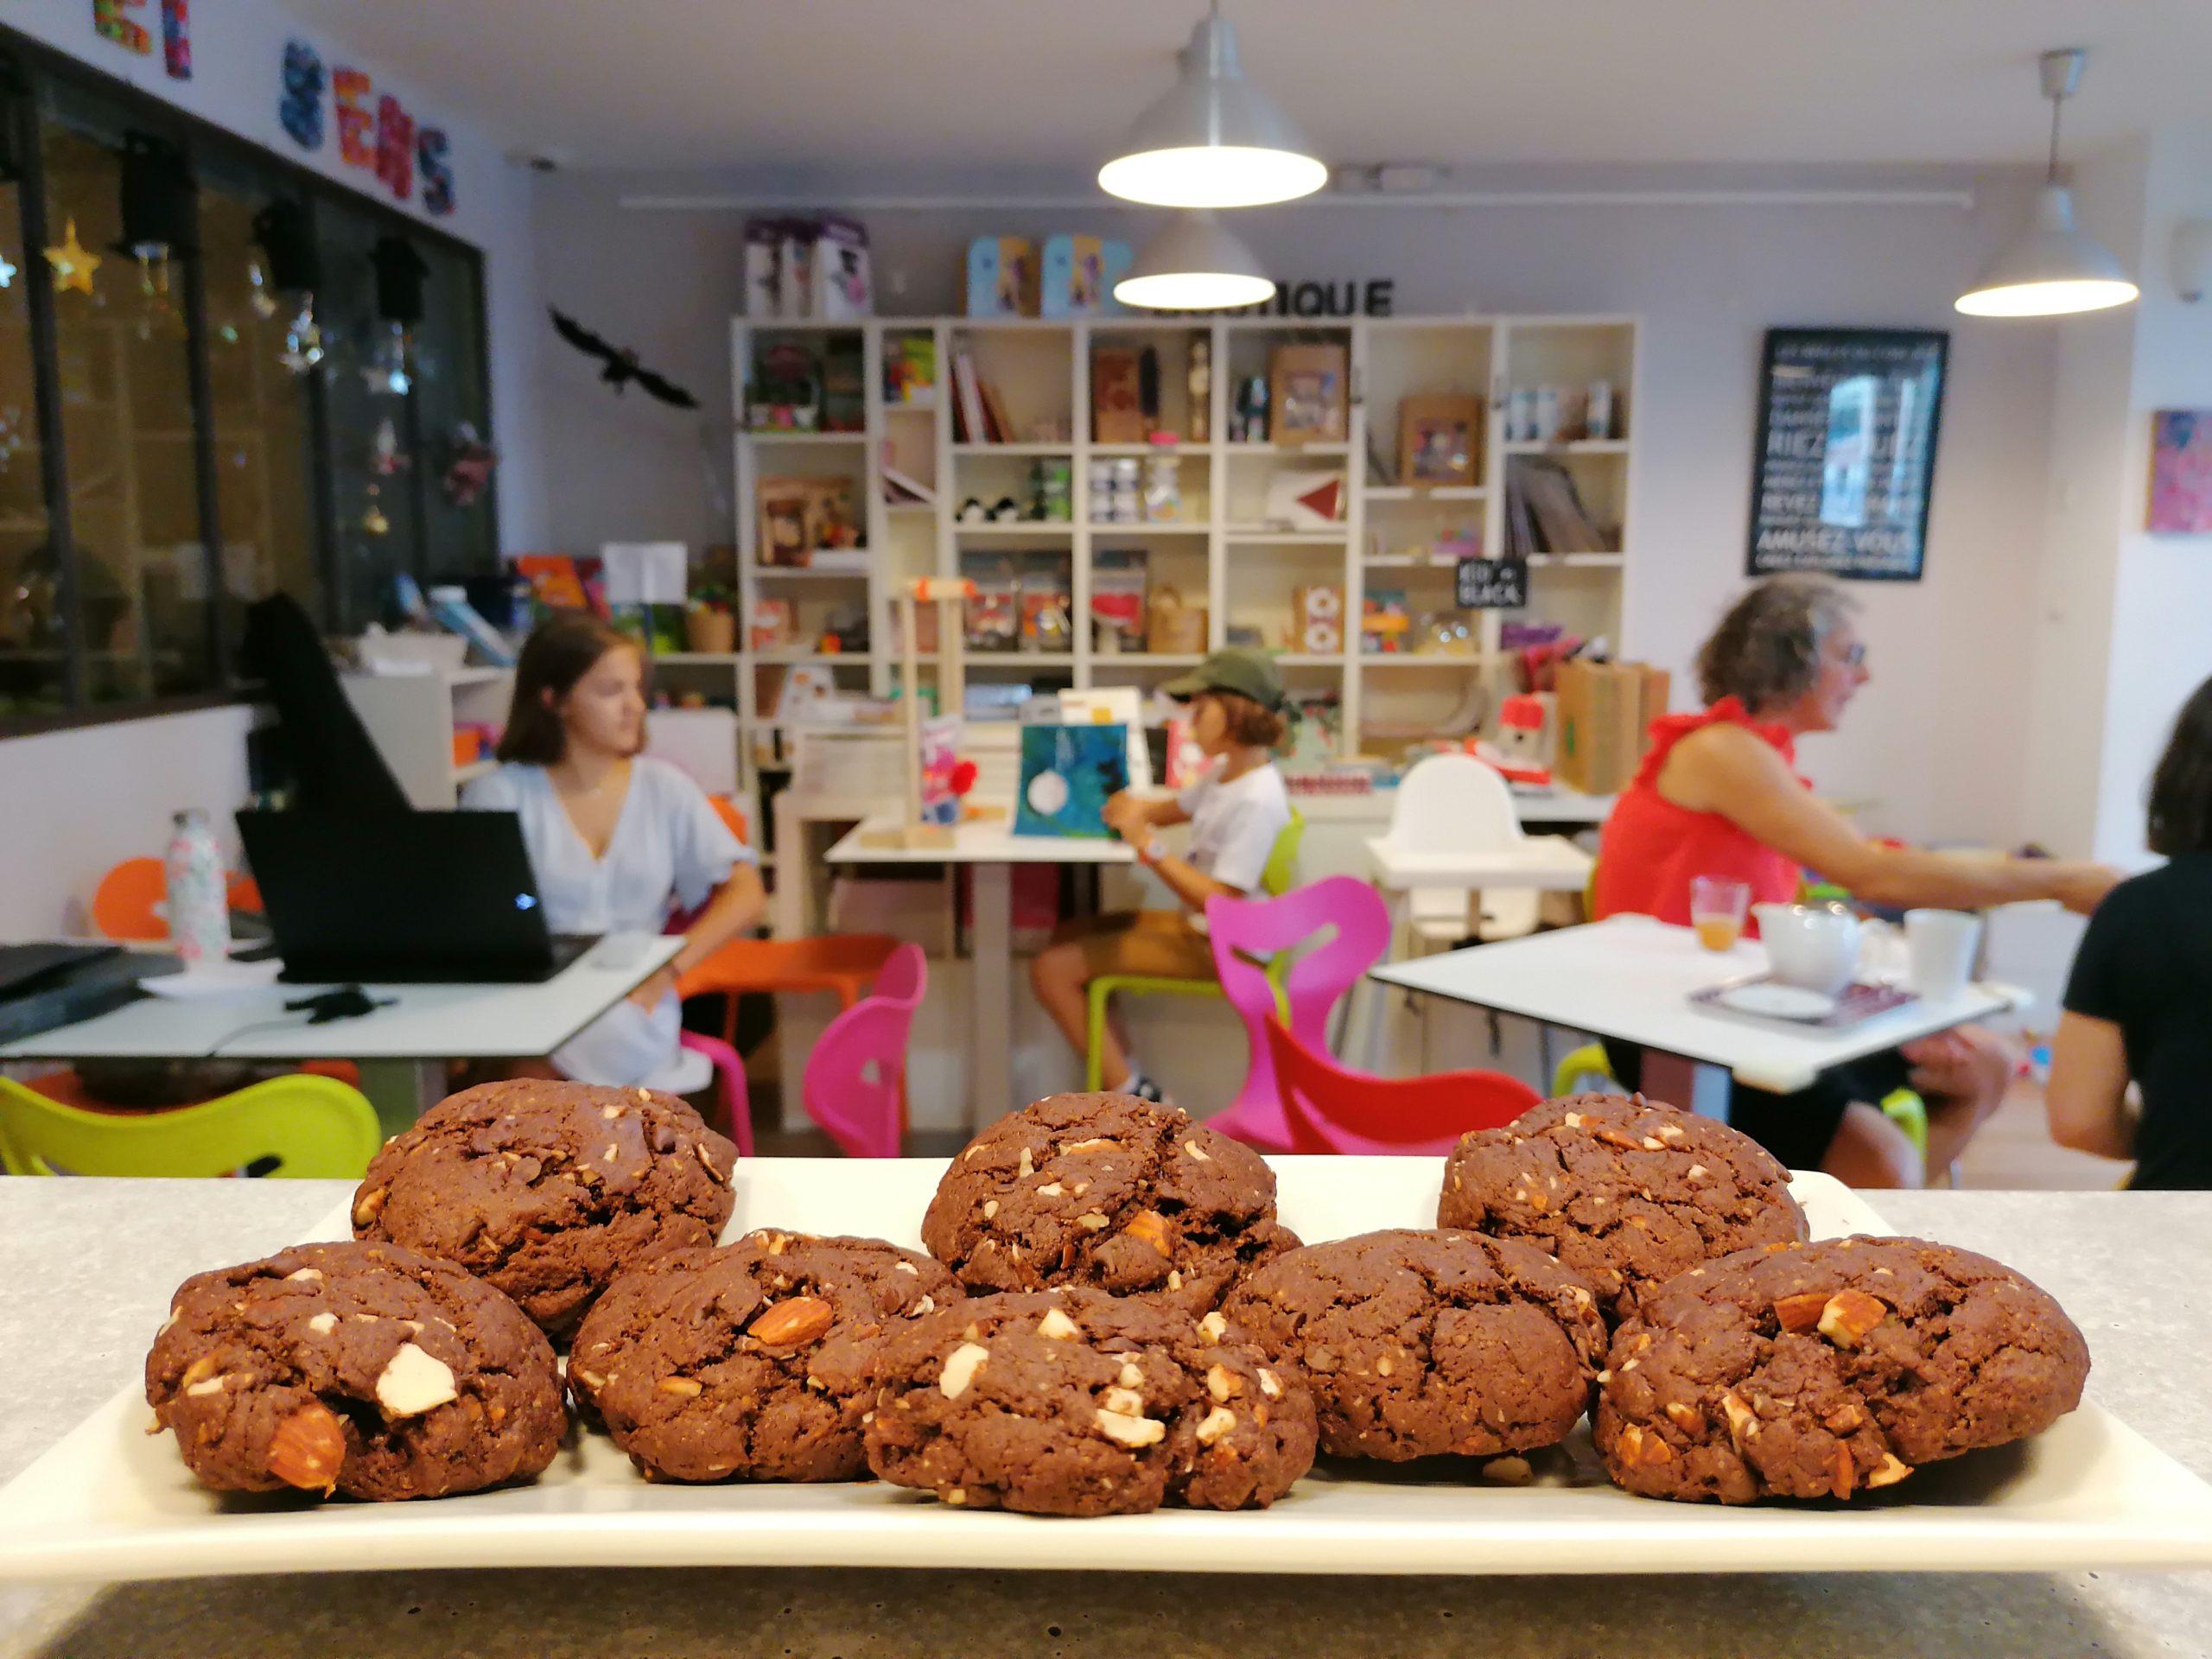 Salon de thé kid-friendly et goûter de cookies pour les enfants chez KID & Sens à Aix en Provence